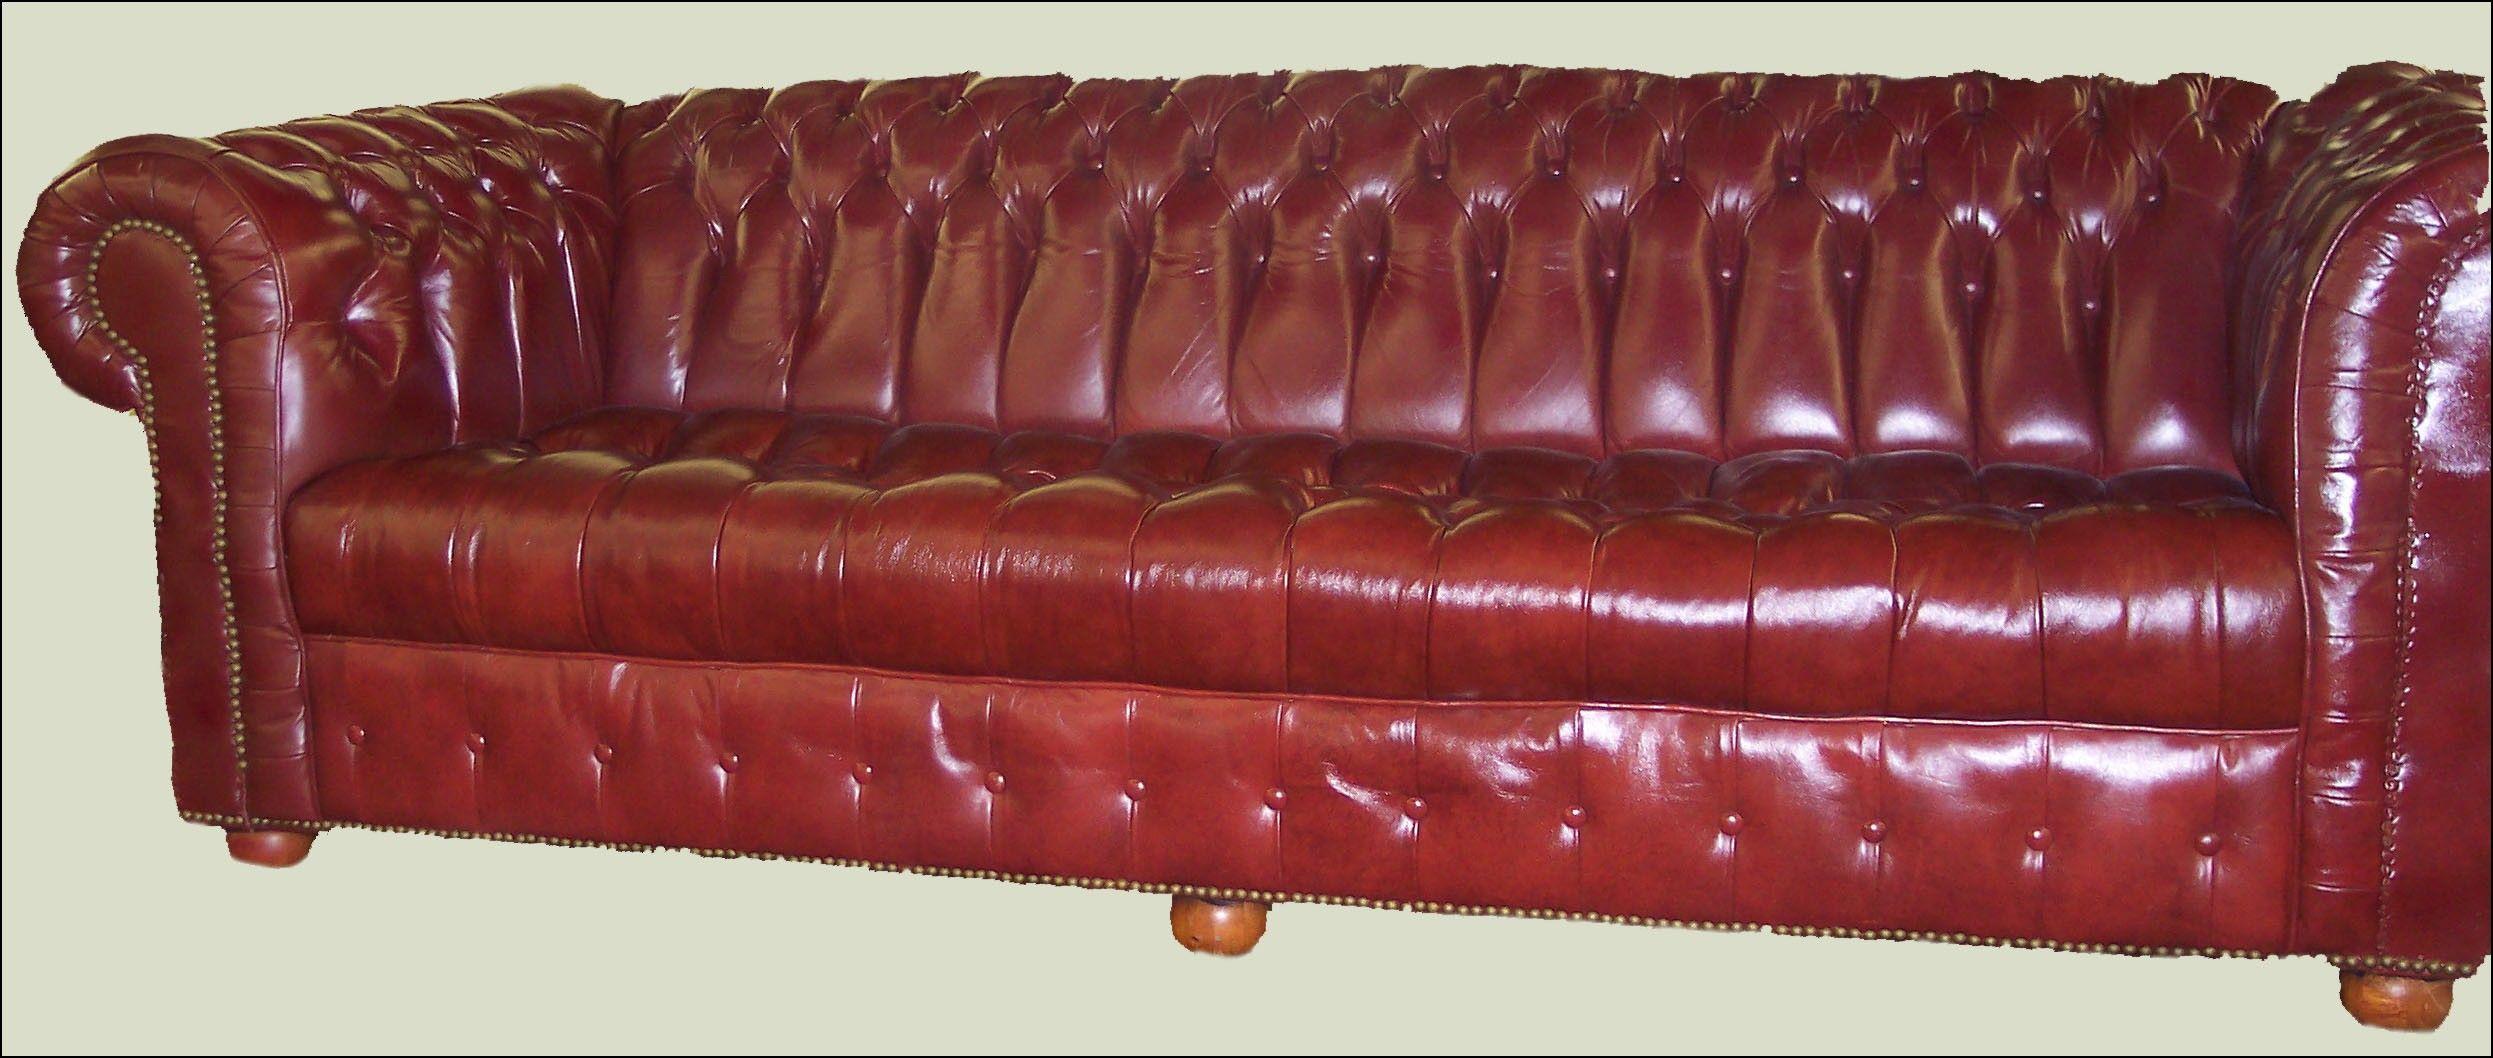 4803bca4cfa661768afcb2e4ed5a5182 Résultat Supérieur 49 Luxe Canapé Convertible Très Confortable Galerie 2017 Sjd8